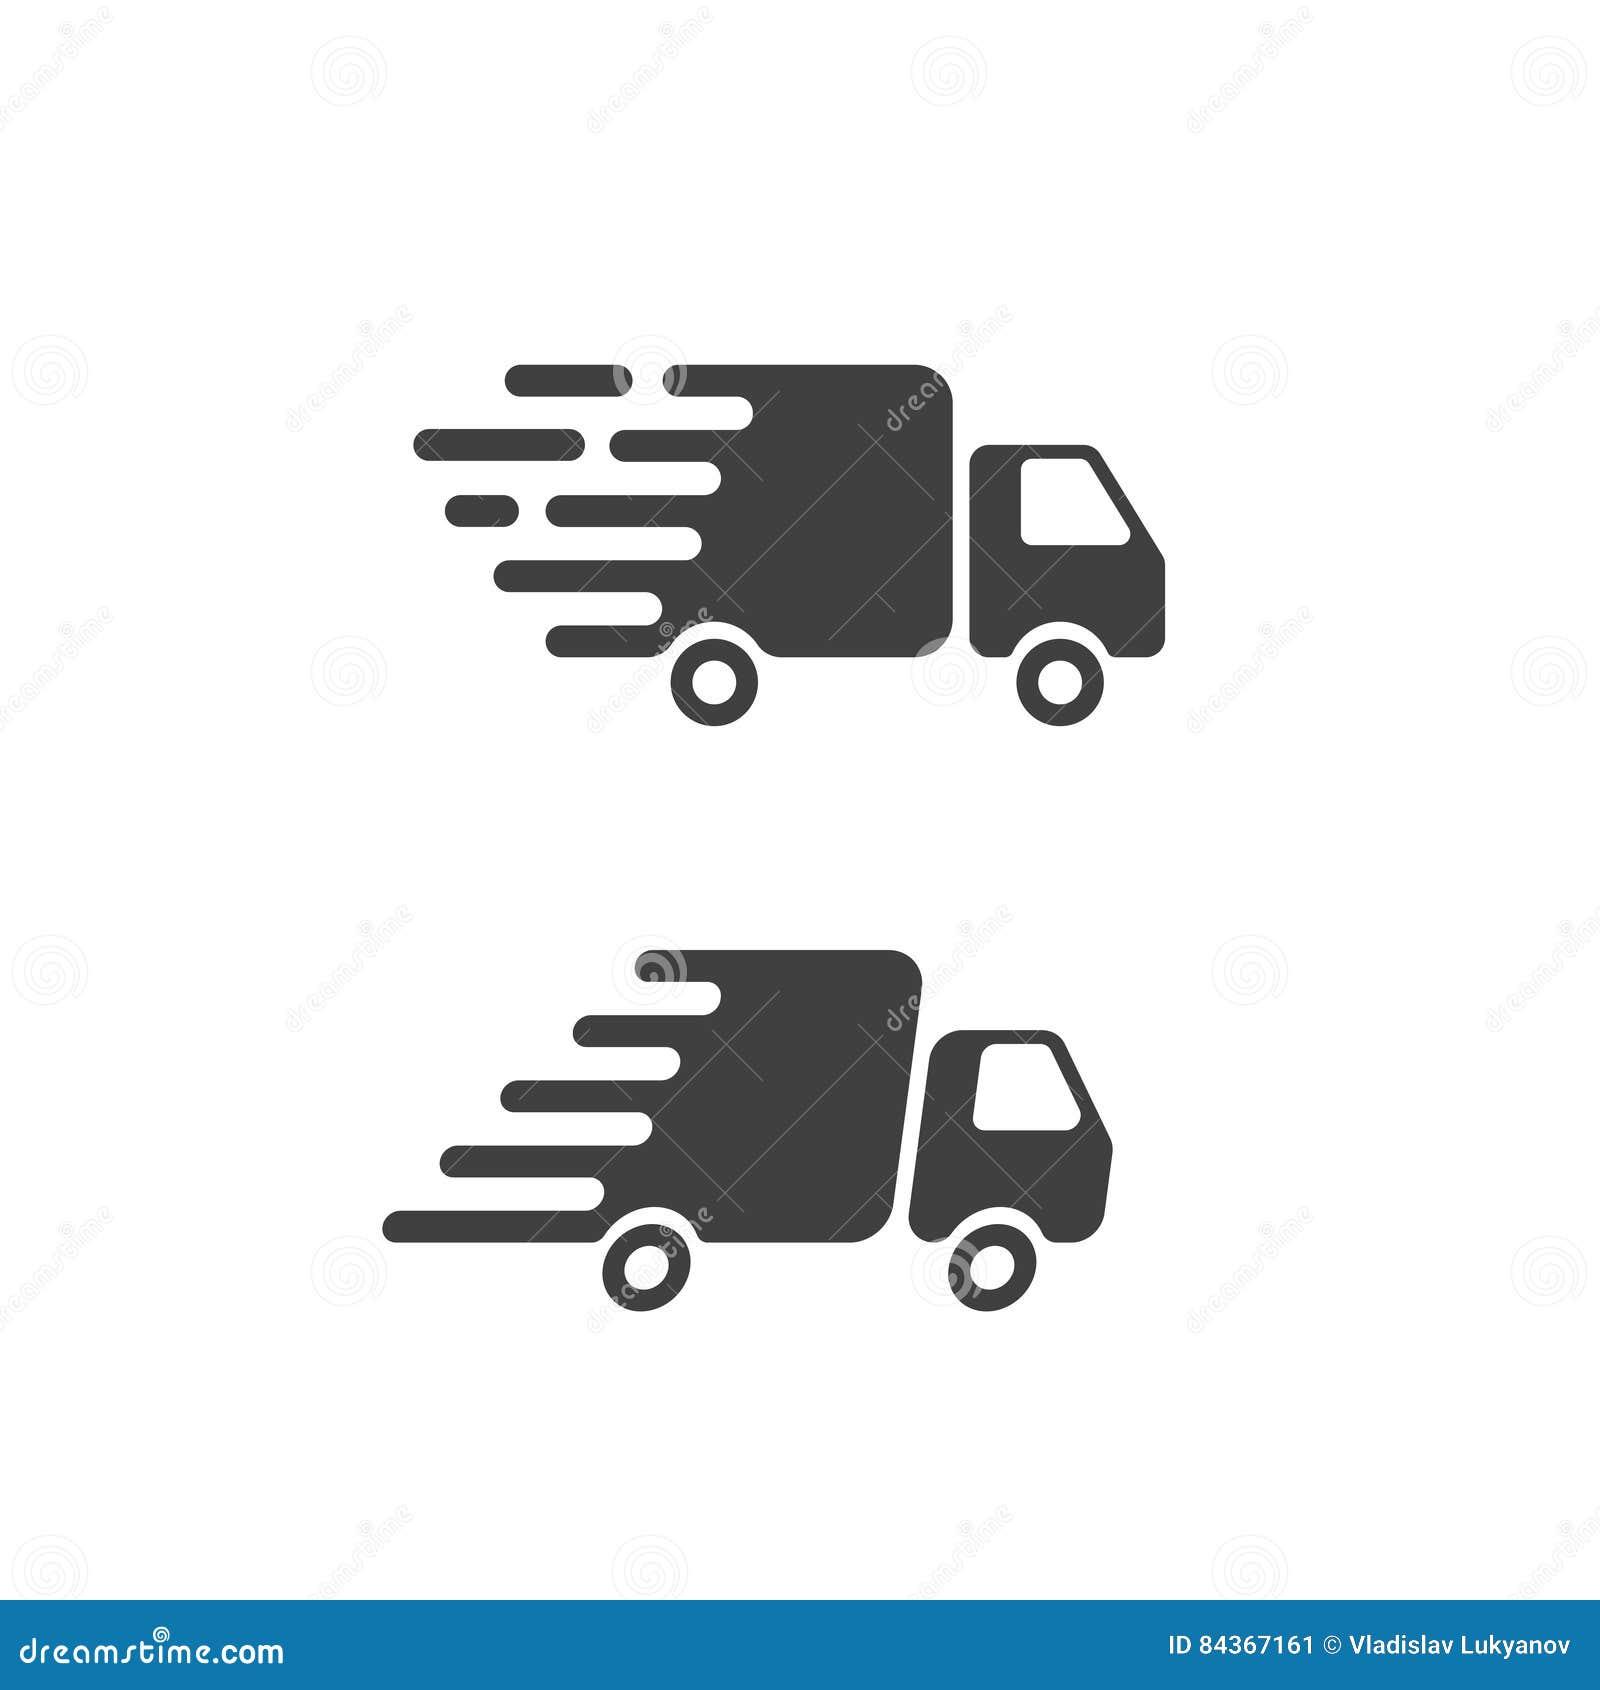 Símbolo plano del icono del camión de reparto, buque mercante rápido van pictogram